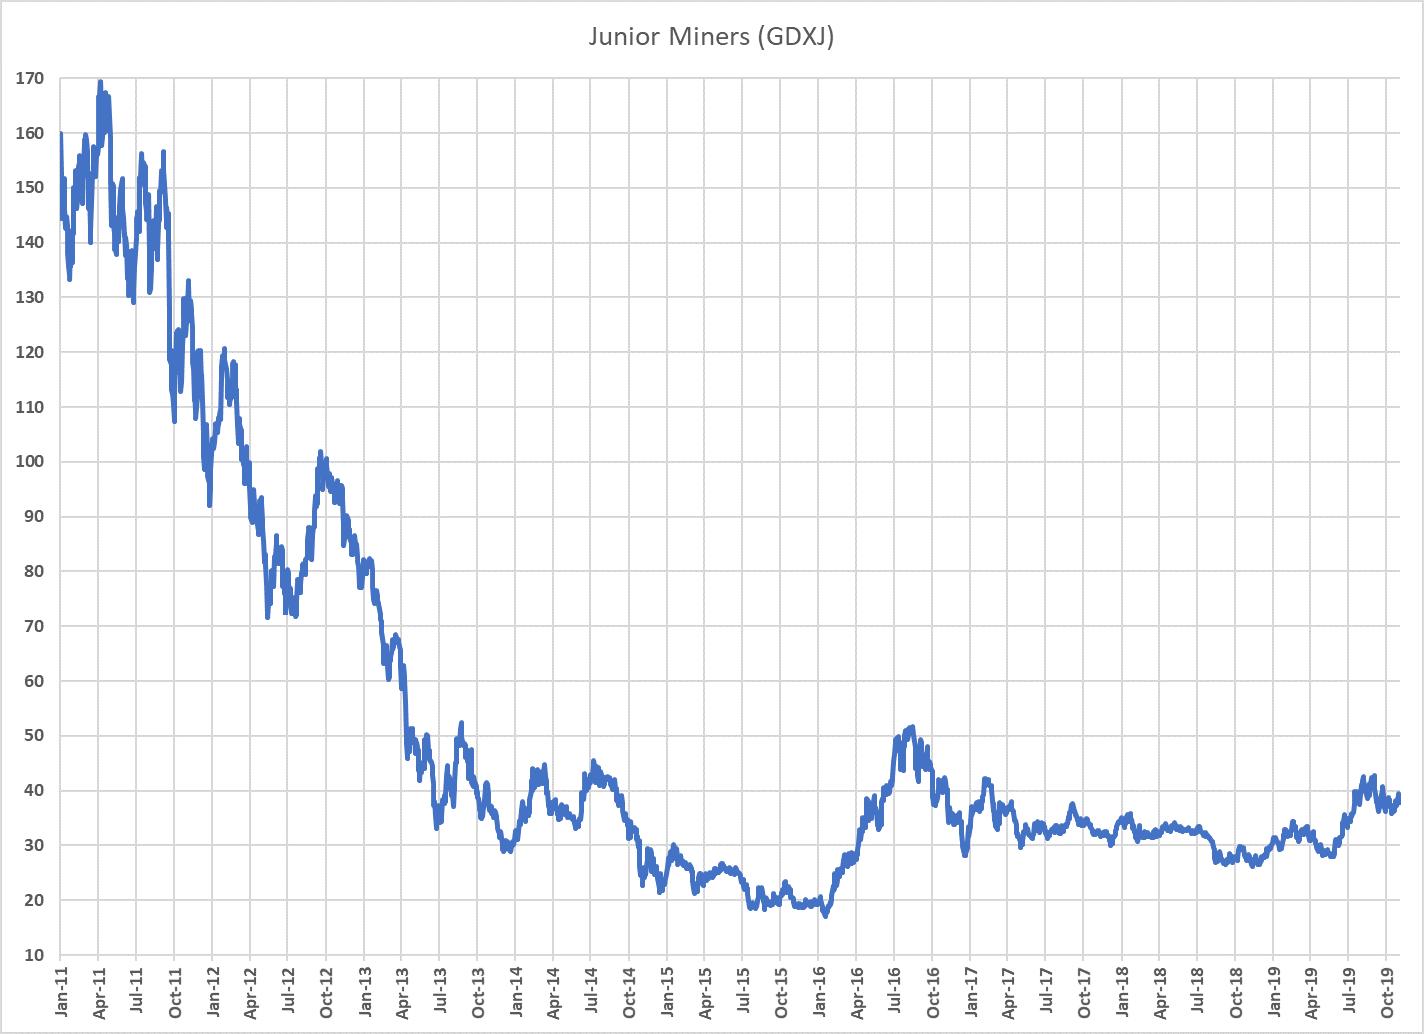 Junior Miners (GDJX) chart